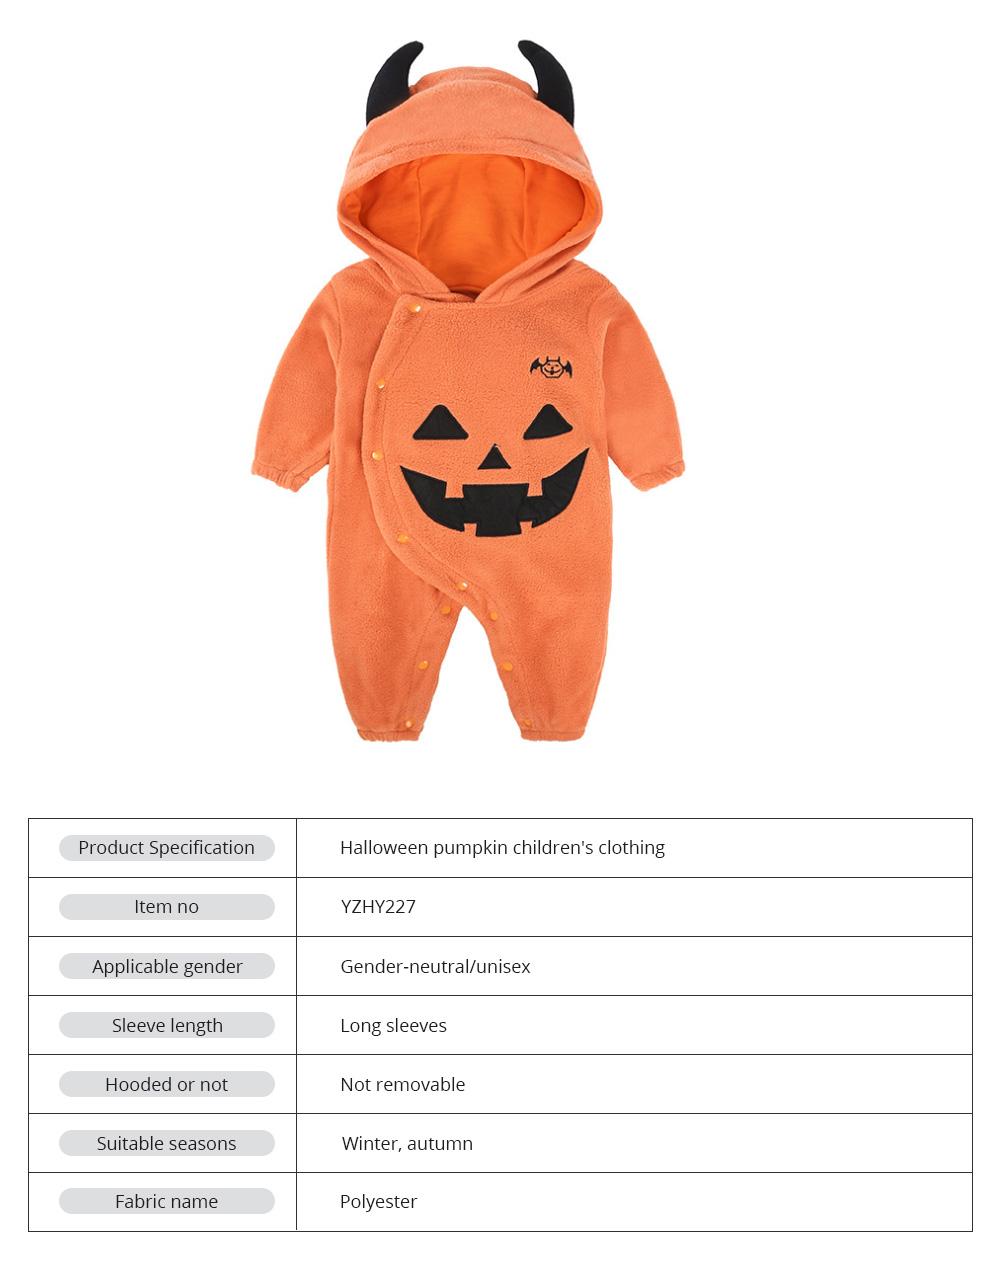 Universal Autumn Winter Halloween Pumpkin Baby Dress Hooded One-Piece Shirt Children's Clothing For Boys Girls 7